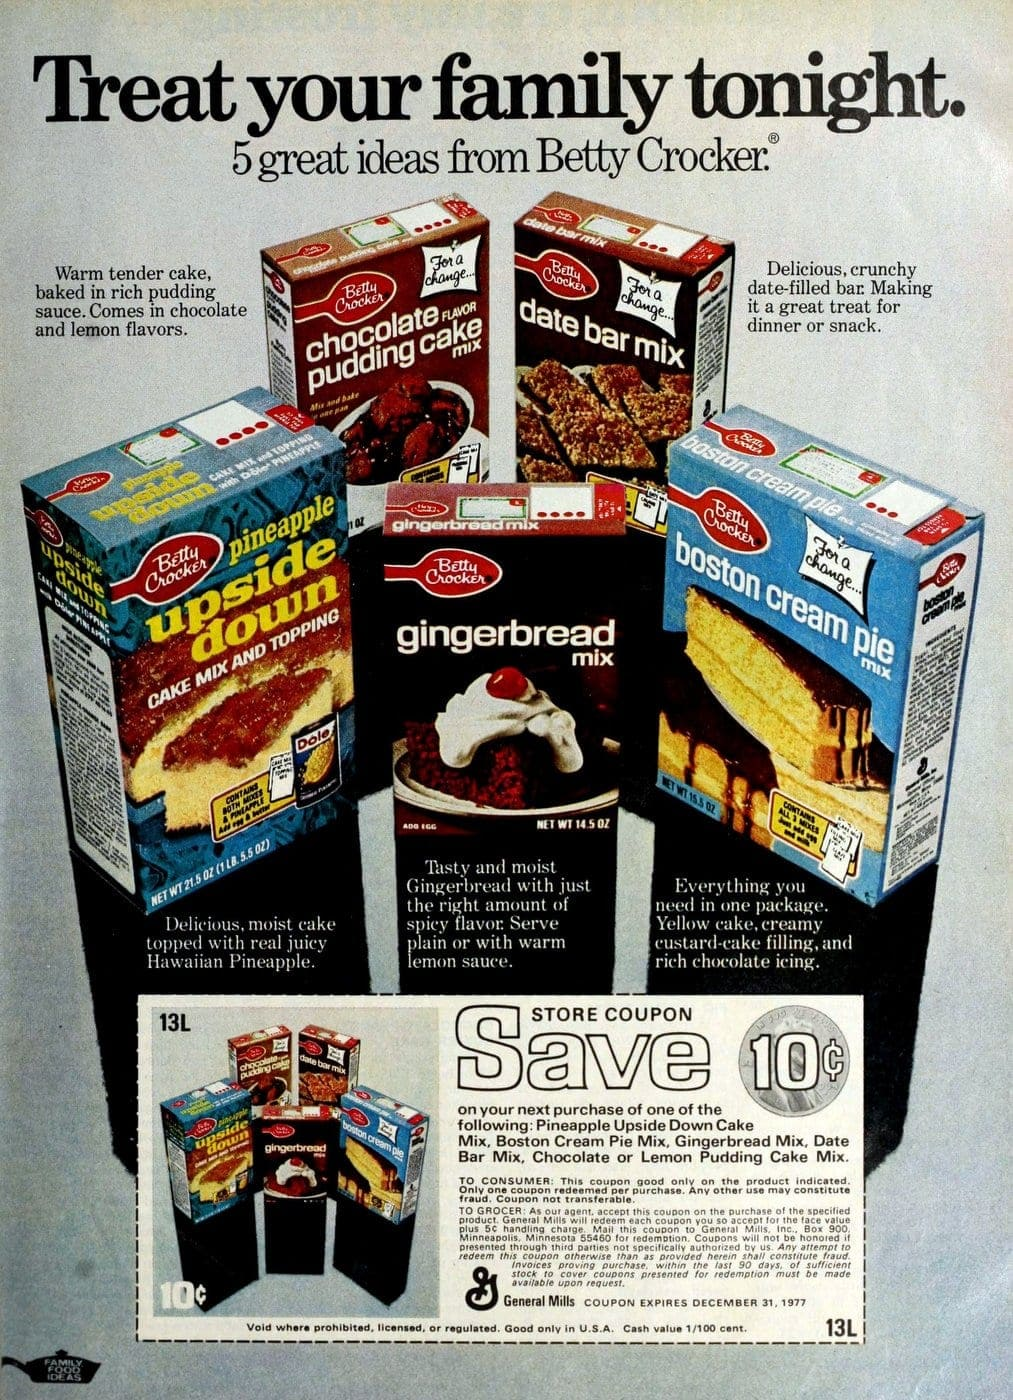 Betty Crocker cake mixes from 1976